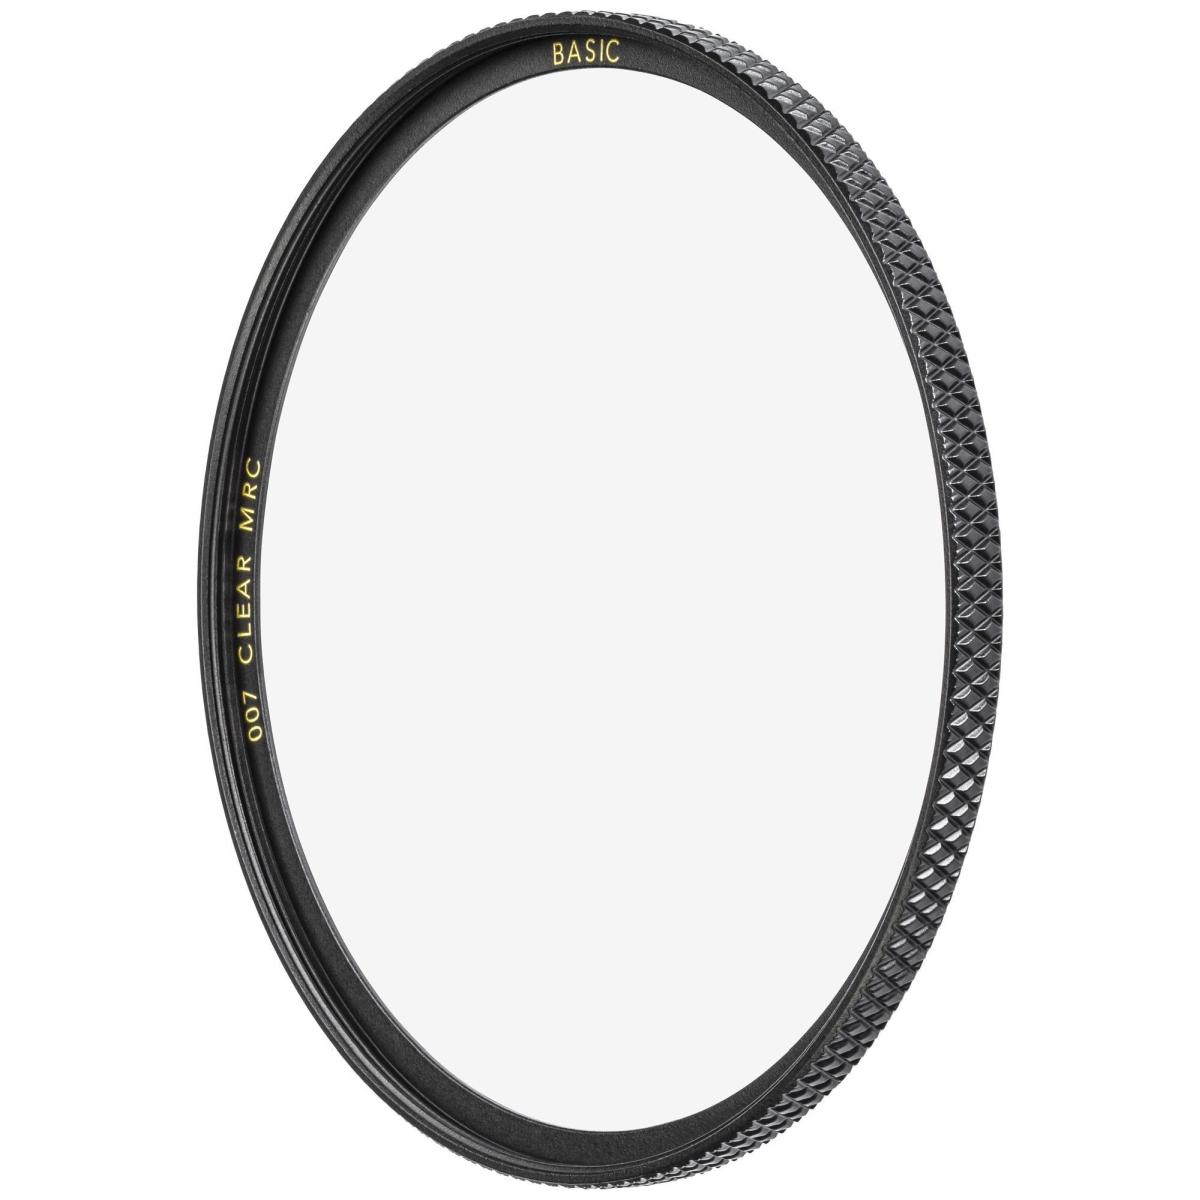 B+W Clear Filter 37 mm MRC Basic